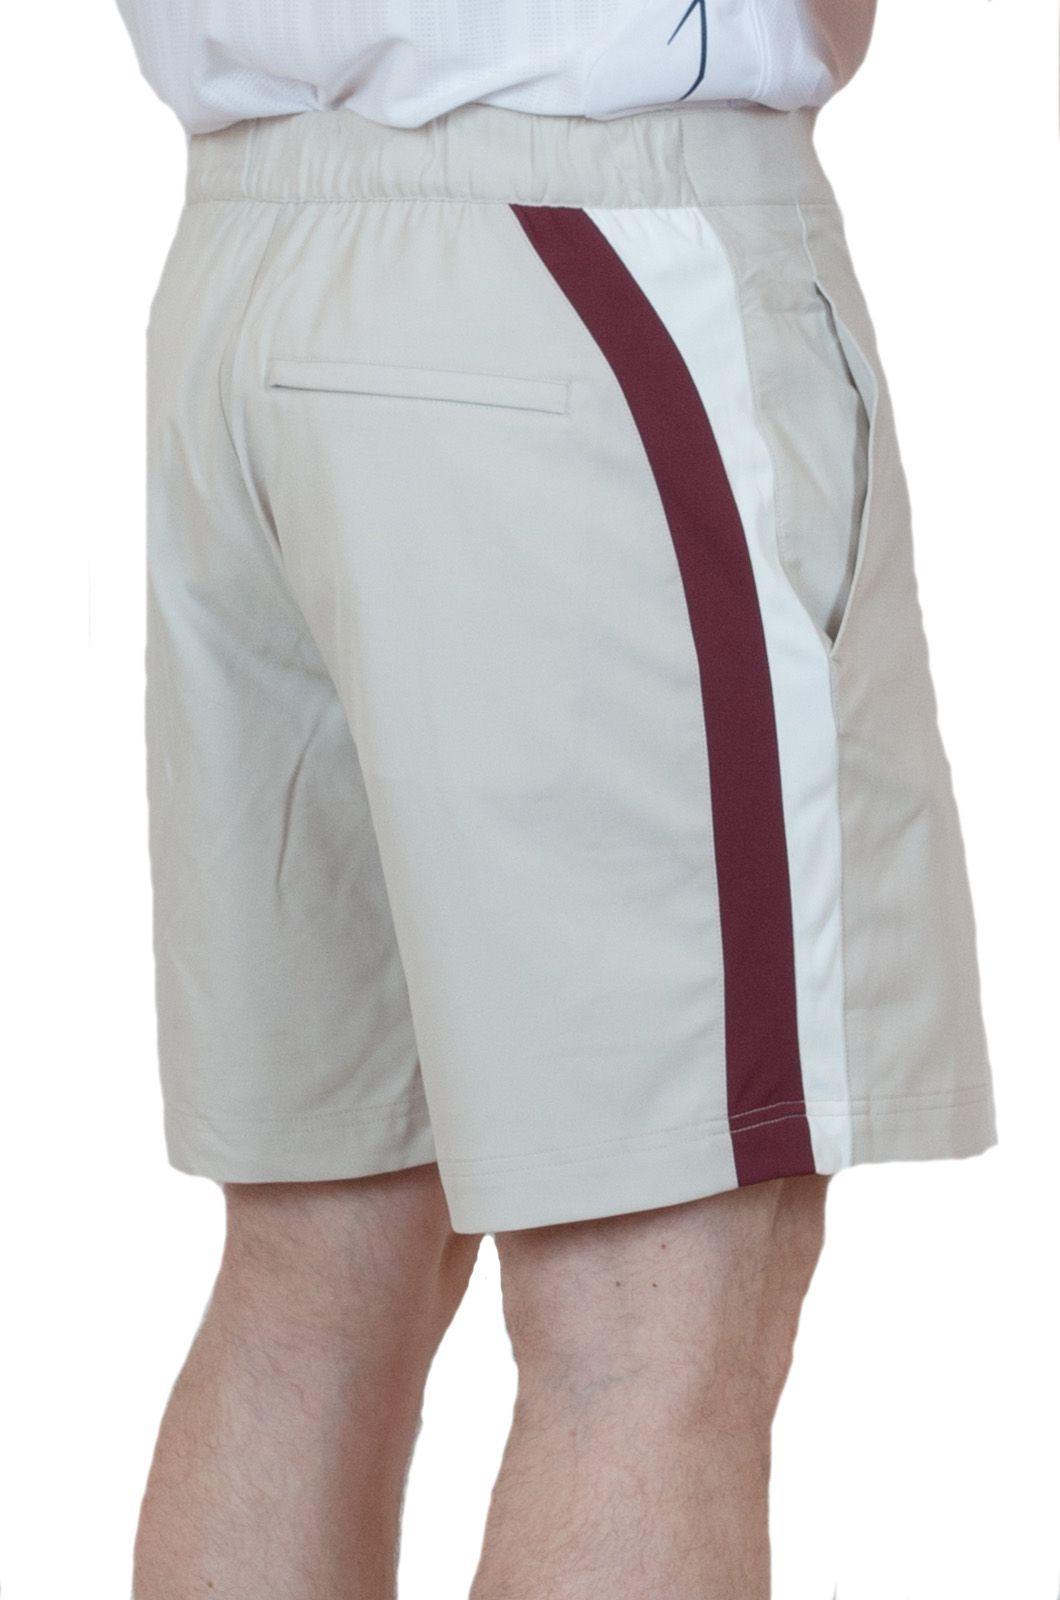 Мужские шорты для тенниса - вид сзади